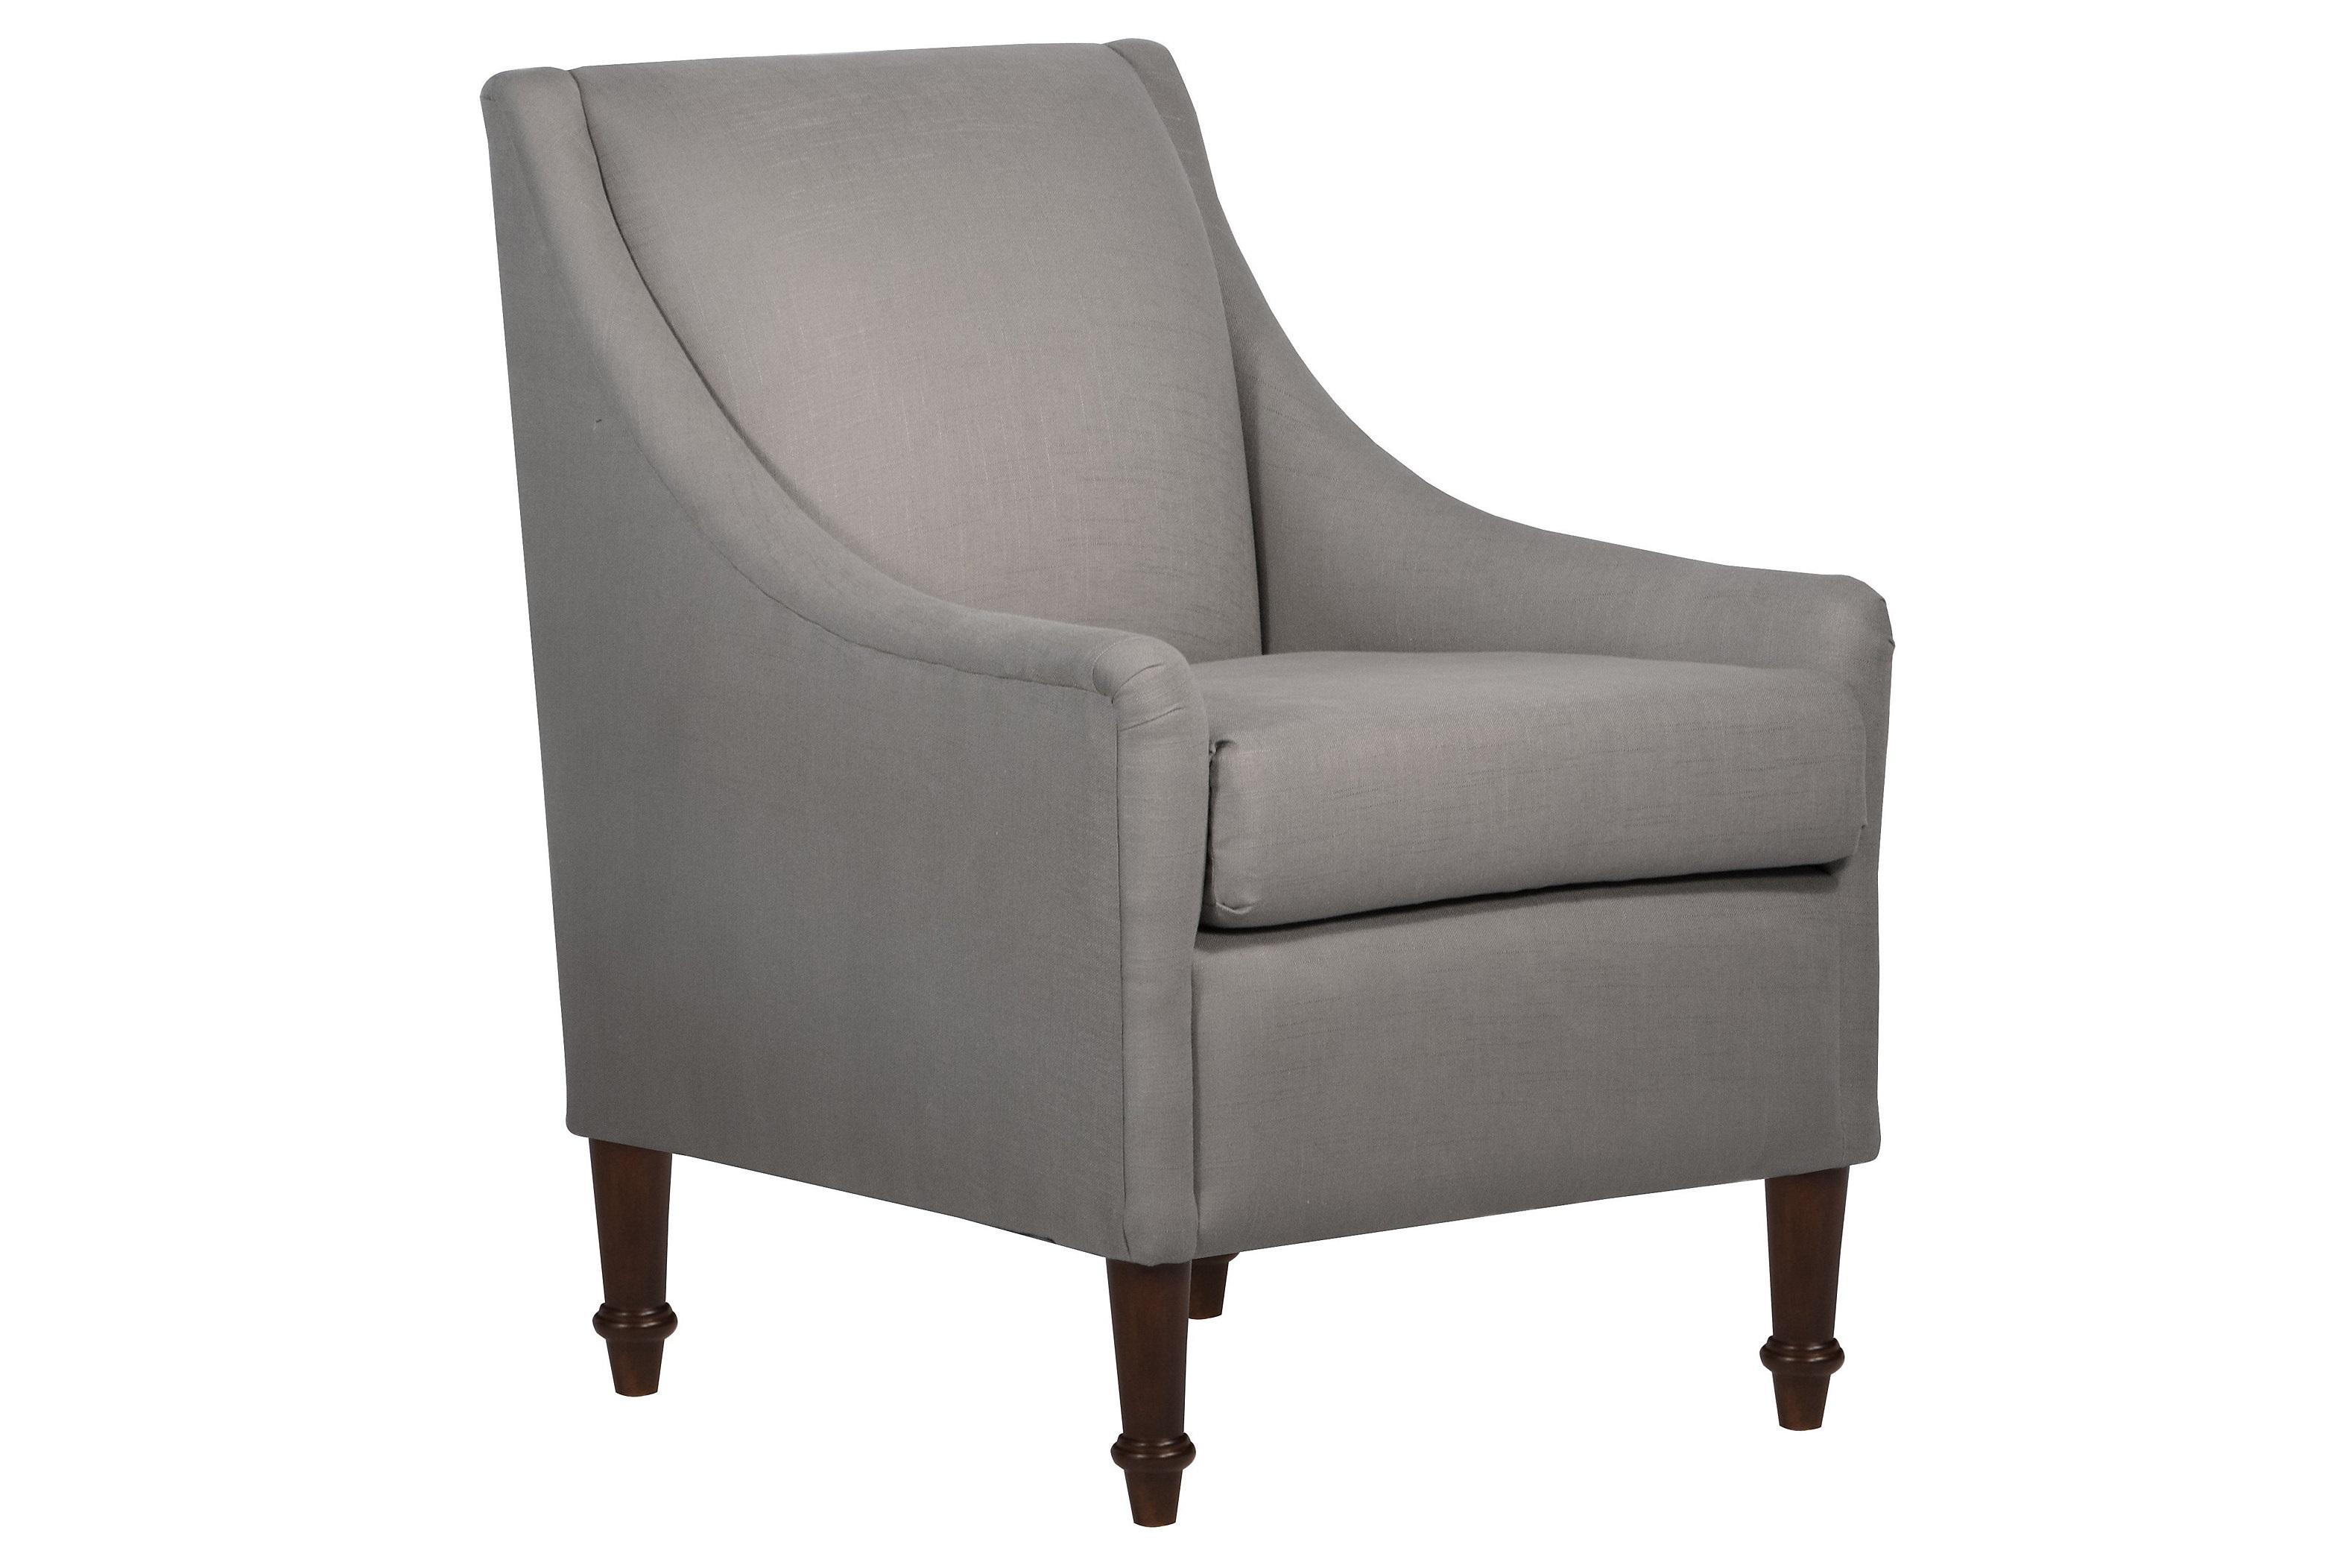 Кресло HolmesИнтерьерные кресла<br>&amp;lt;div&amp;gt;Особенности кресла: &amp;amp;nbsp;ножки из дуба .&amp;amp;nbsp;&amp;lt;br&amp;gt;&amp;lt;/div&amp;gt;&amp;lt;div&amp;gt;Обивку кресла можно подобрать, палитру и цену уточняйте у менеджера.&amp;lt;br&amp;gt;&amp;lt;/div&amp;gt;&amp;lt;div&amp;gt;&amp;lt;br&amp;gt;&amp;lt;/div&amp;gt;&amp;lt;div&amp;gt;Высота сидения: 48 см.&amp;lt;/div&amp;gt;&amp;lt;div&amp;gt;&amp;lt;br&amp;gt;&amp;lt;/div&amp;gt;&amp;lt;div&amp;gt;&amp;lt;br&amp;gt;&amp;lt;/div&amp;gt;<br><br>Material: Текстиль<br>Width см: 66<br>Depth см: 77<br>Height см: 84